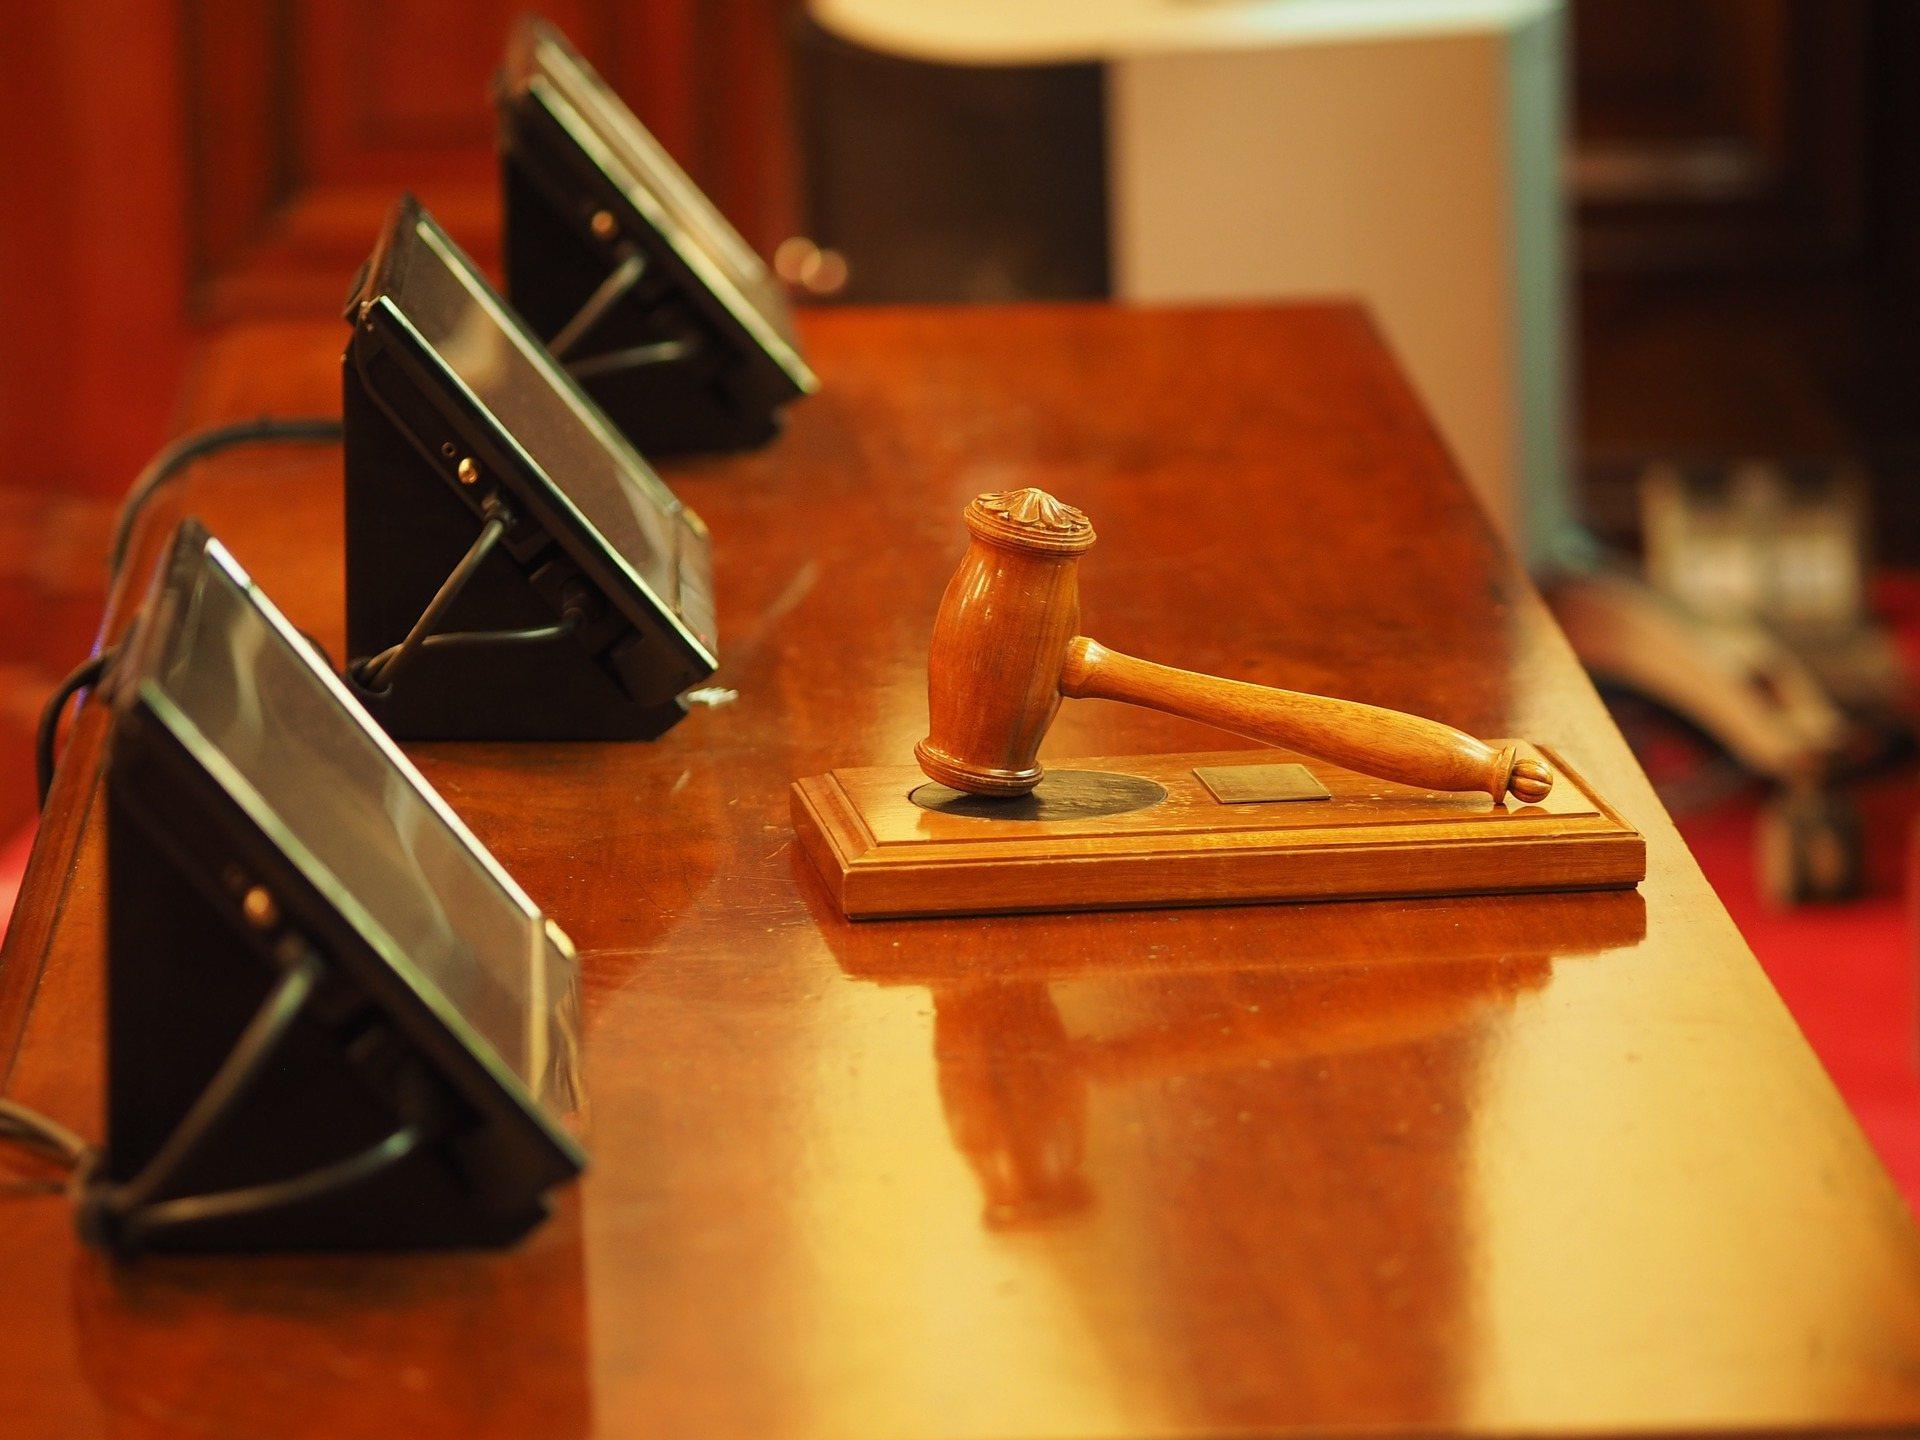 Avvocato assoluzione reato di minaccia: Assistita assolta in appello